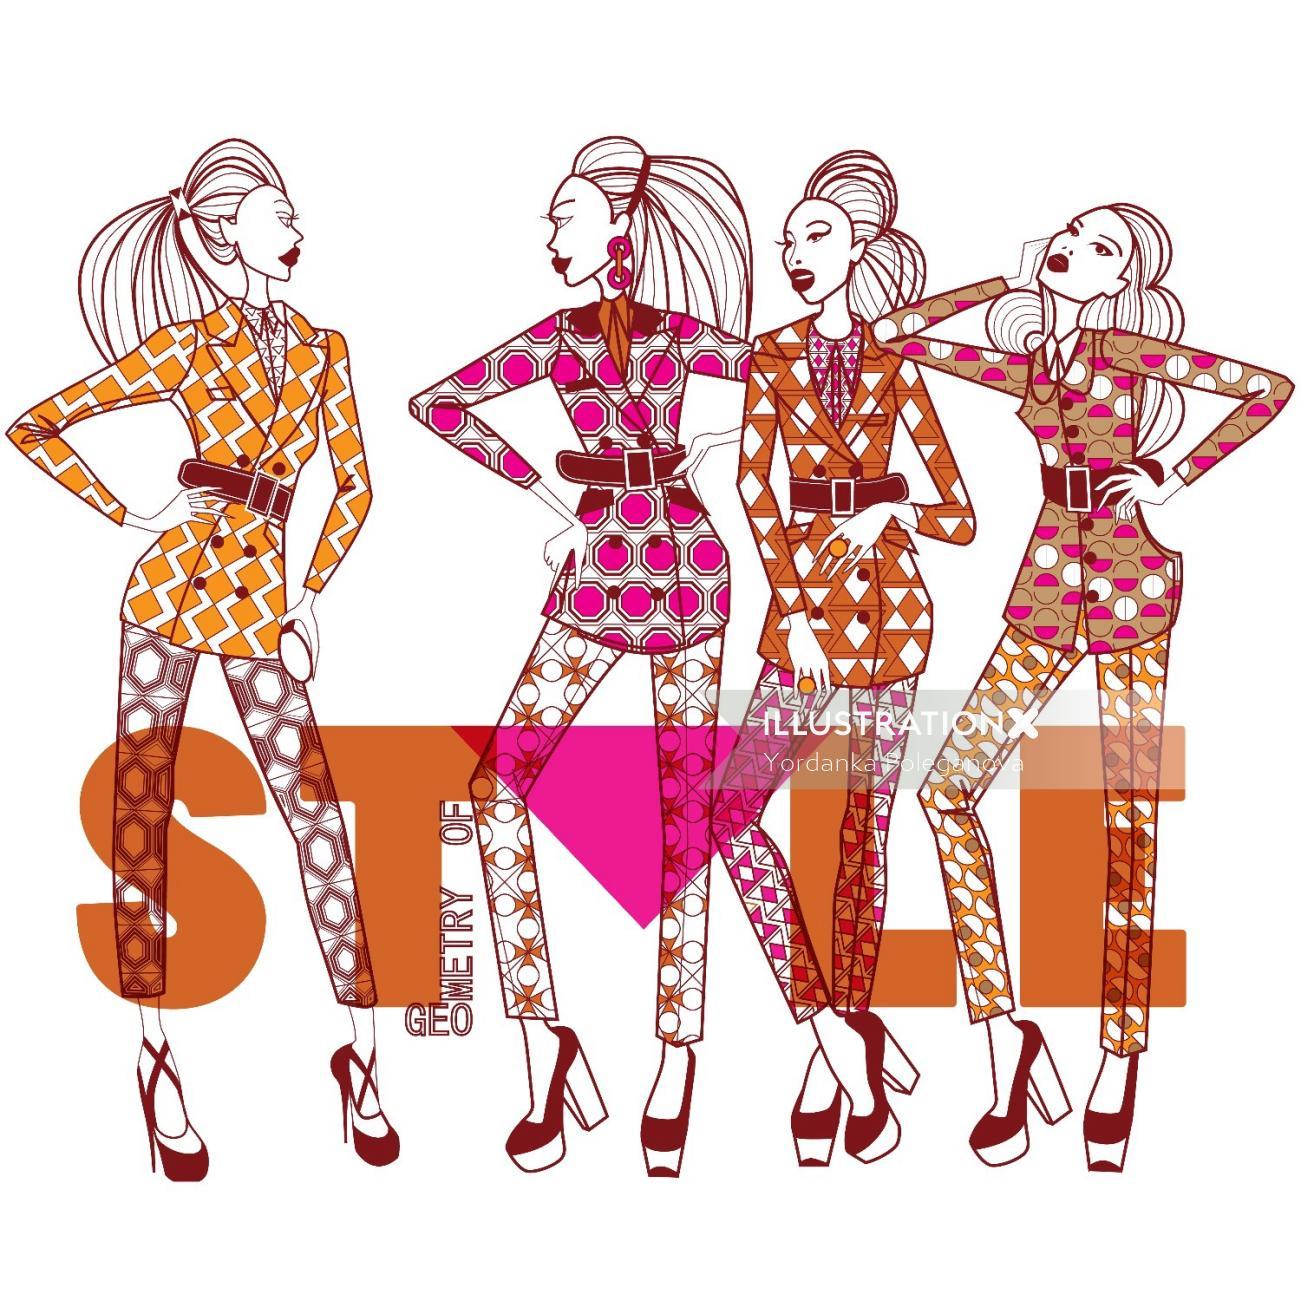 Illustration of fashionable girls